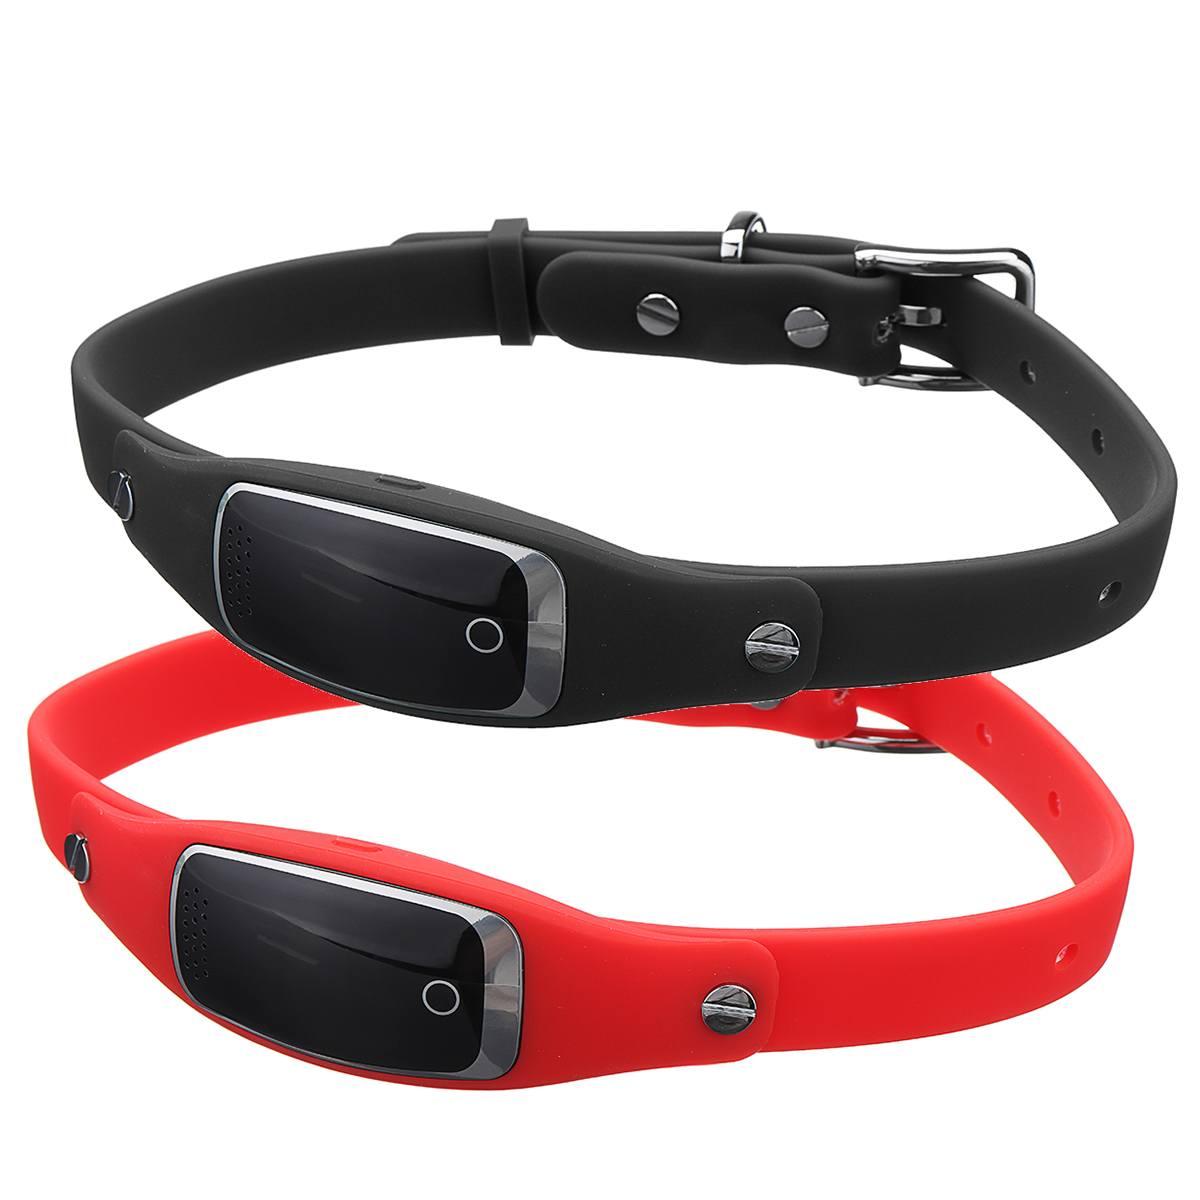 Мини водонепроницаемый ошейник для собак и кошек, идентификационный локатор для домашних животных, gps трекер, GSM устройство слежения, Wi Fi устройство слежения в реальном времени для собак, кошек, устройство слежения - 5